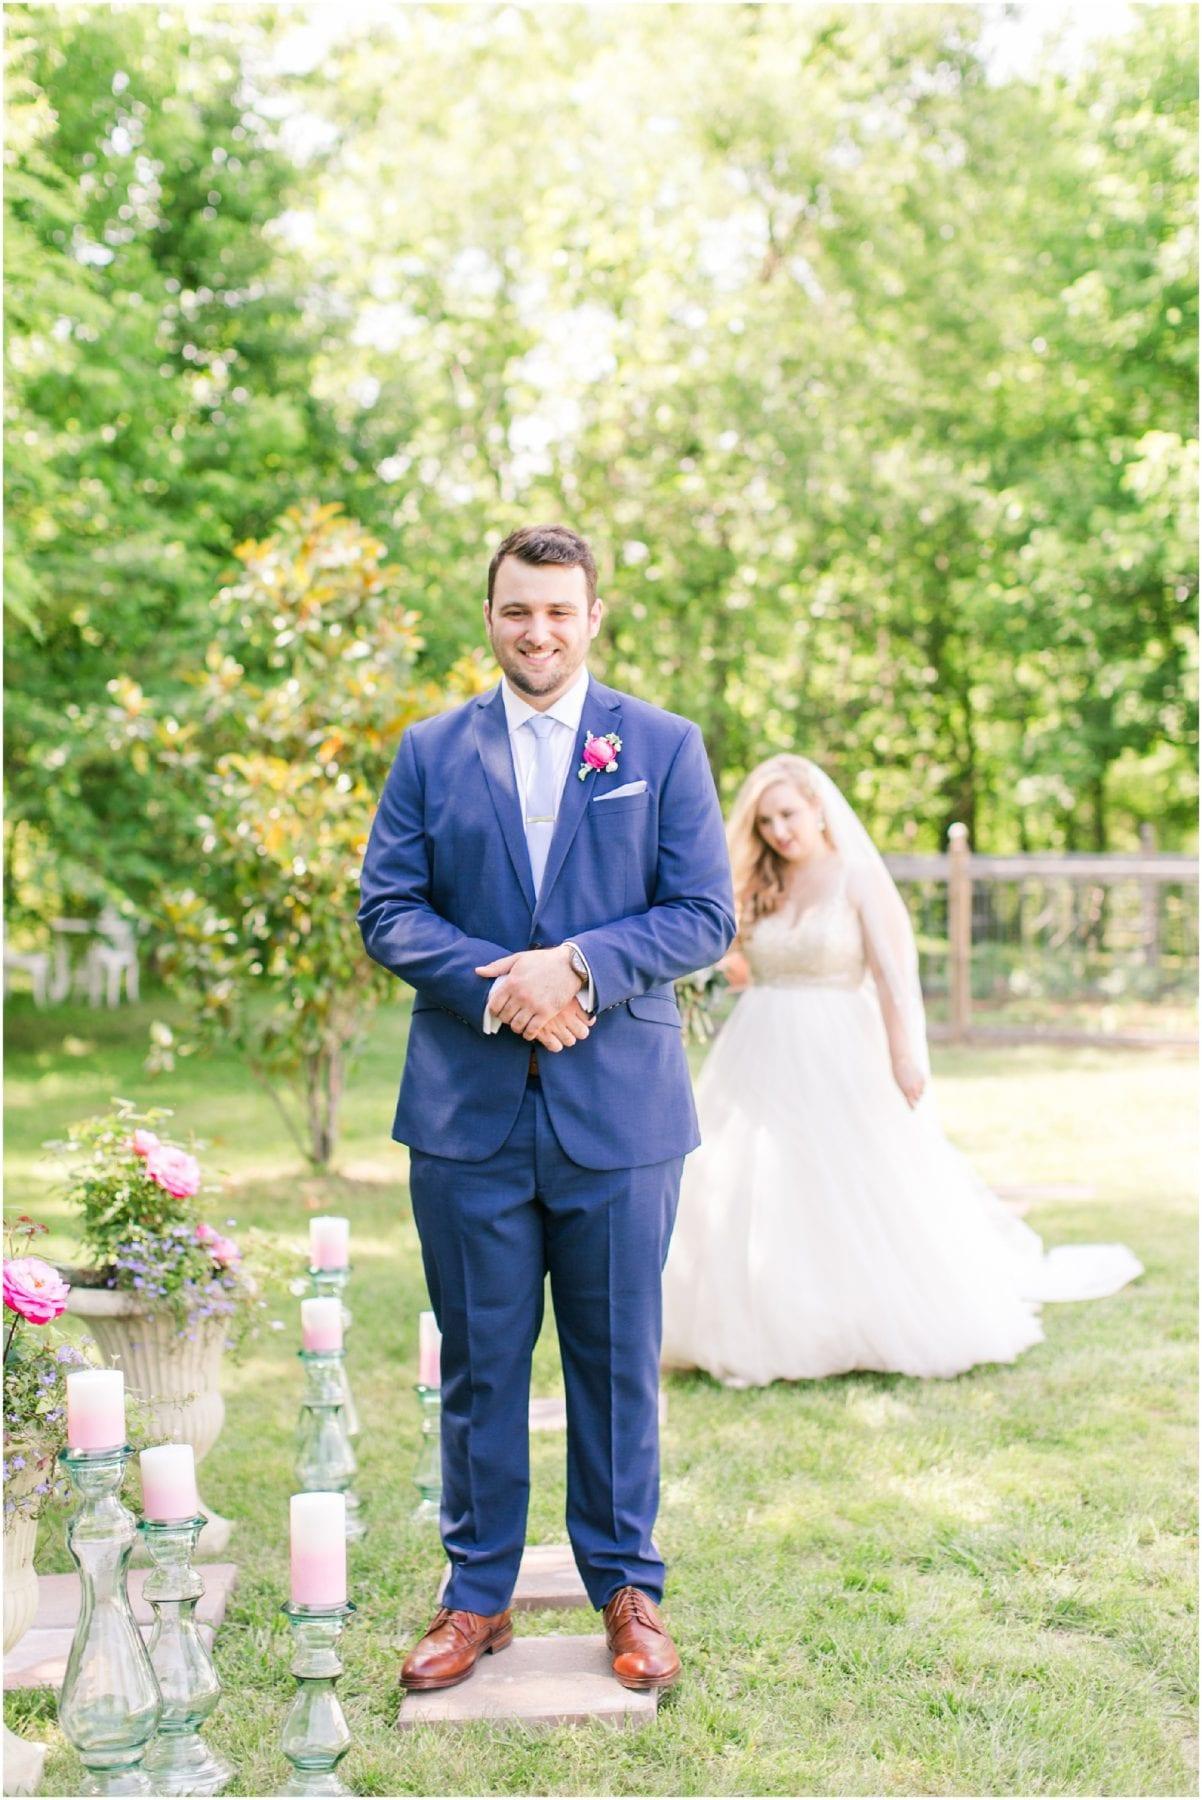 Maryland Backyard Wedding Photos Kelly & Zach Megan Kelsey Photography-96.jpg